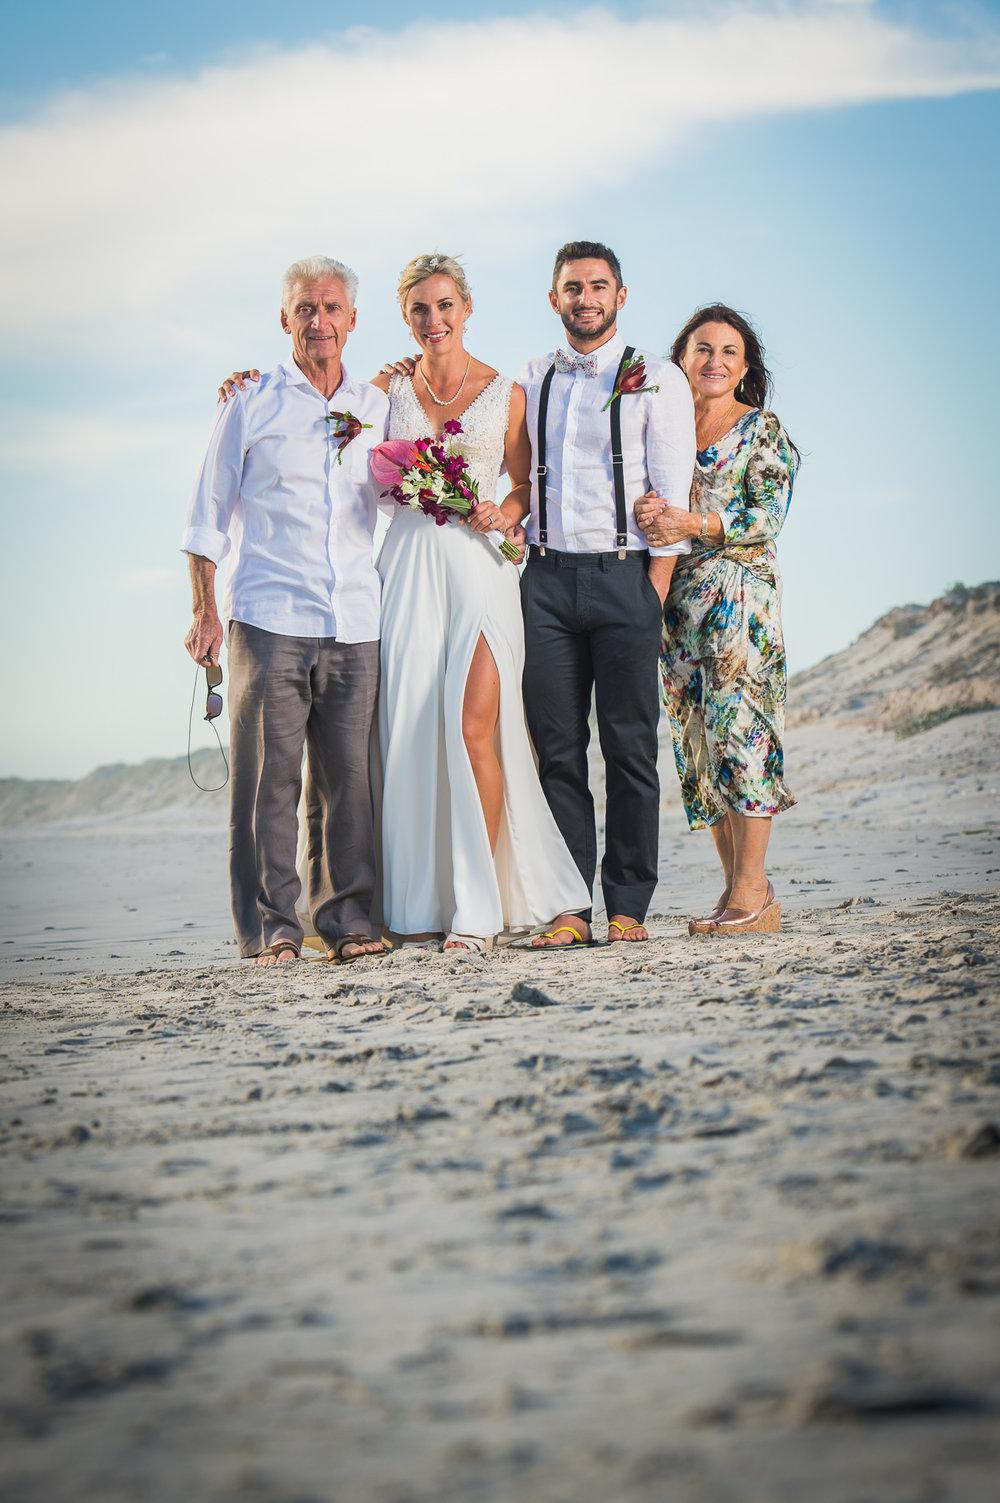 Josh and Debbie Yzerfontein Wedding - Sneak Peak (21 of 36).jpg